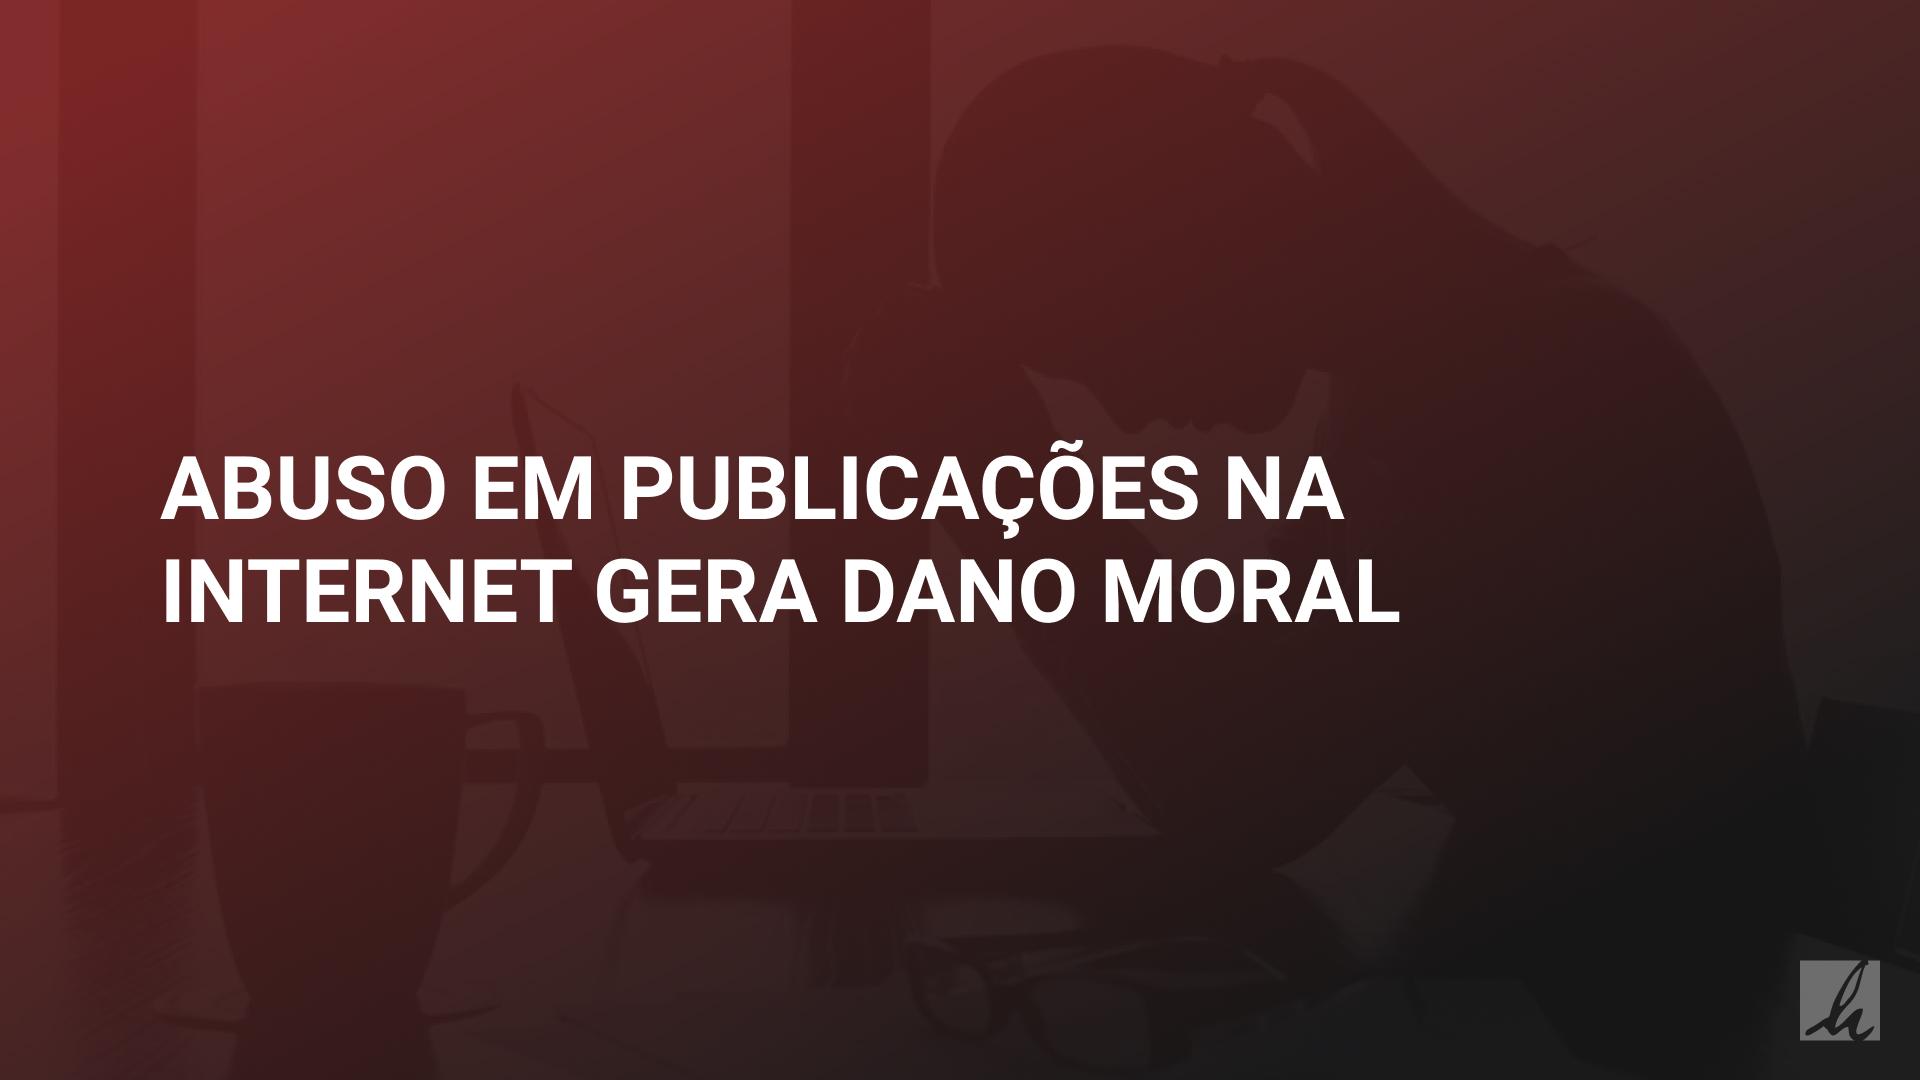 Abuso em publicações na internet gera dano moral